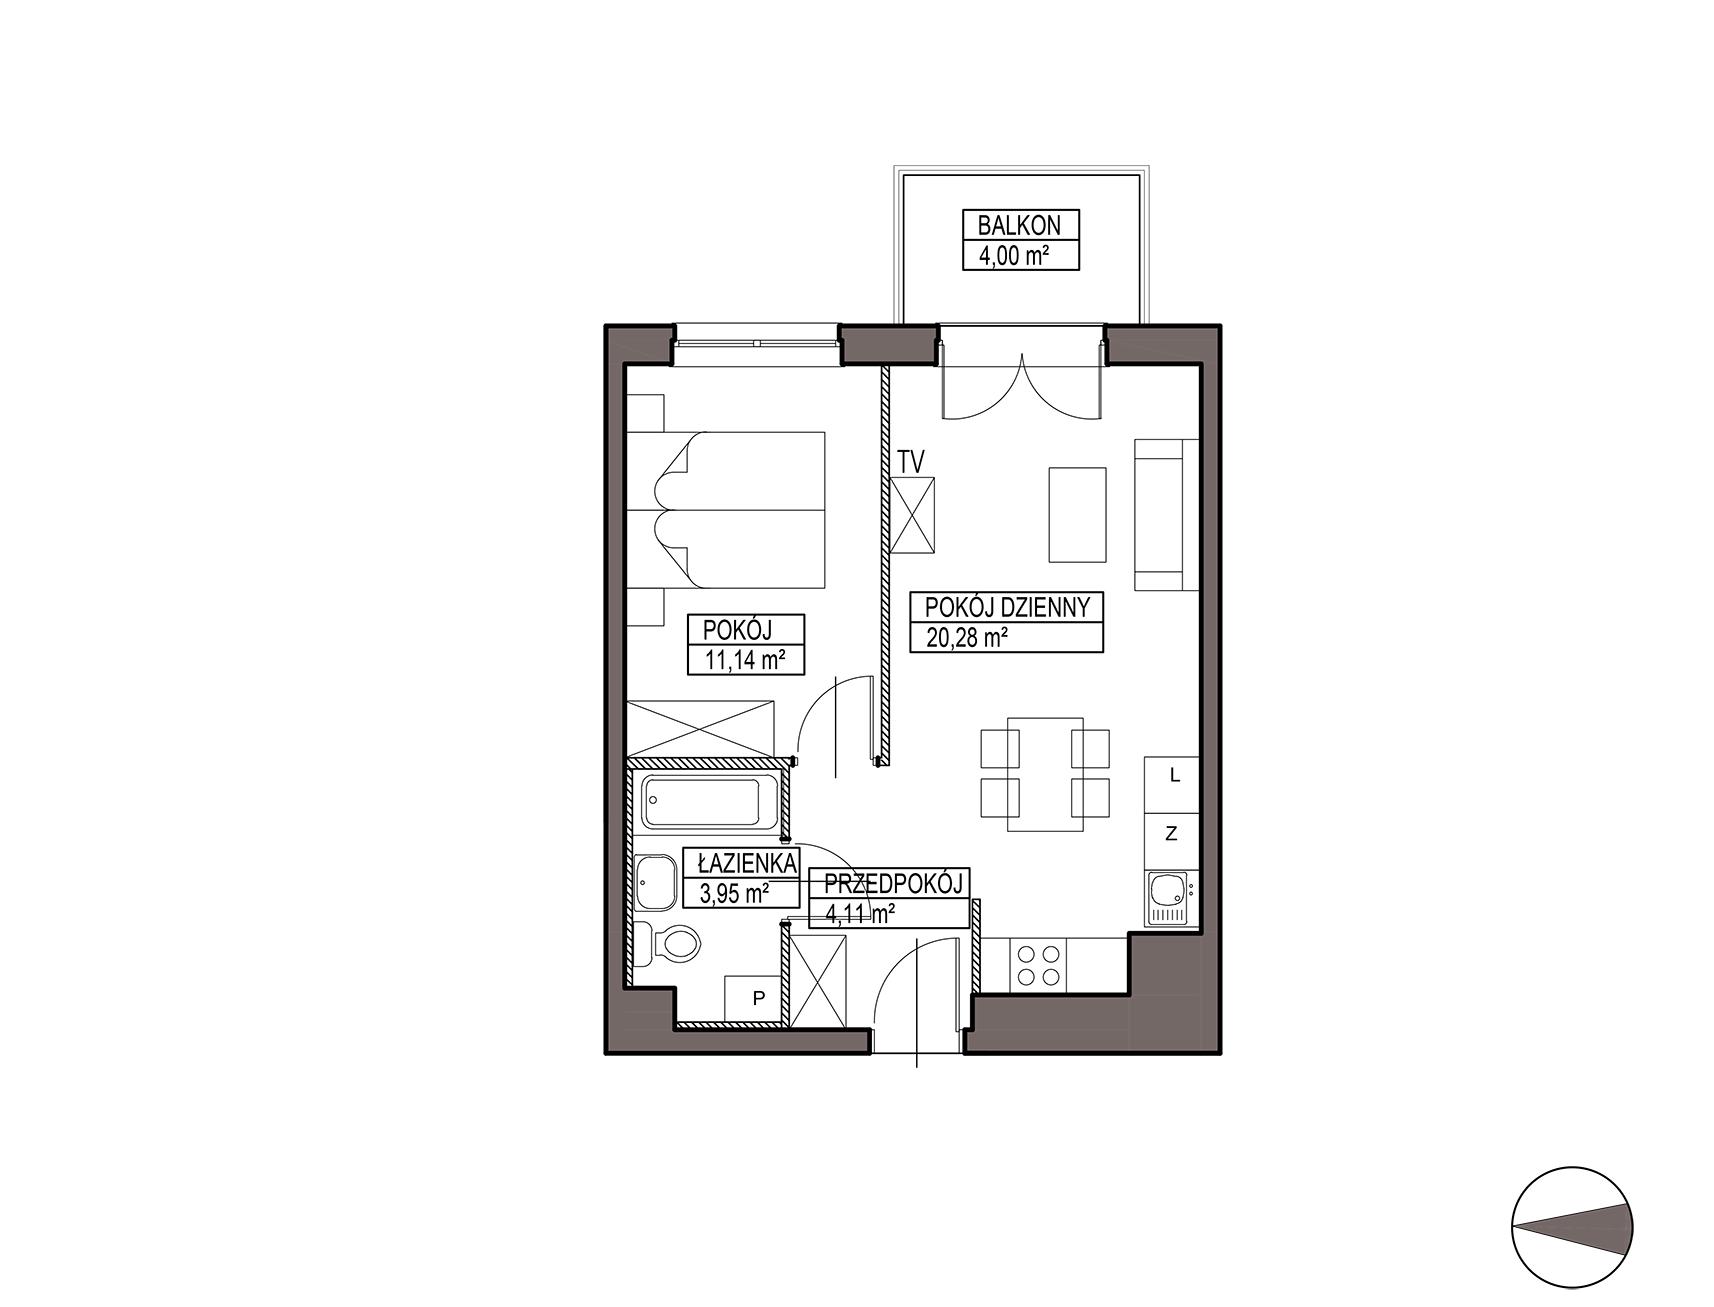 Uroczysko III / budynek 6 / mieszkanie H/0/5 rzut 1